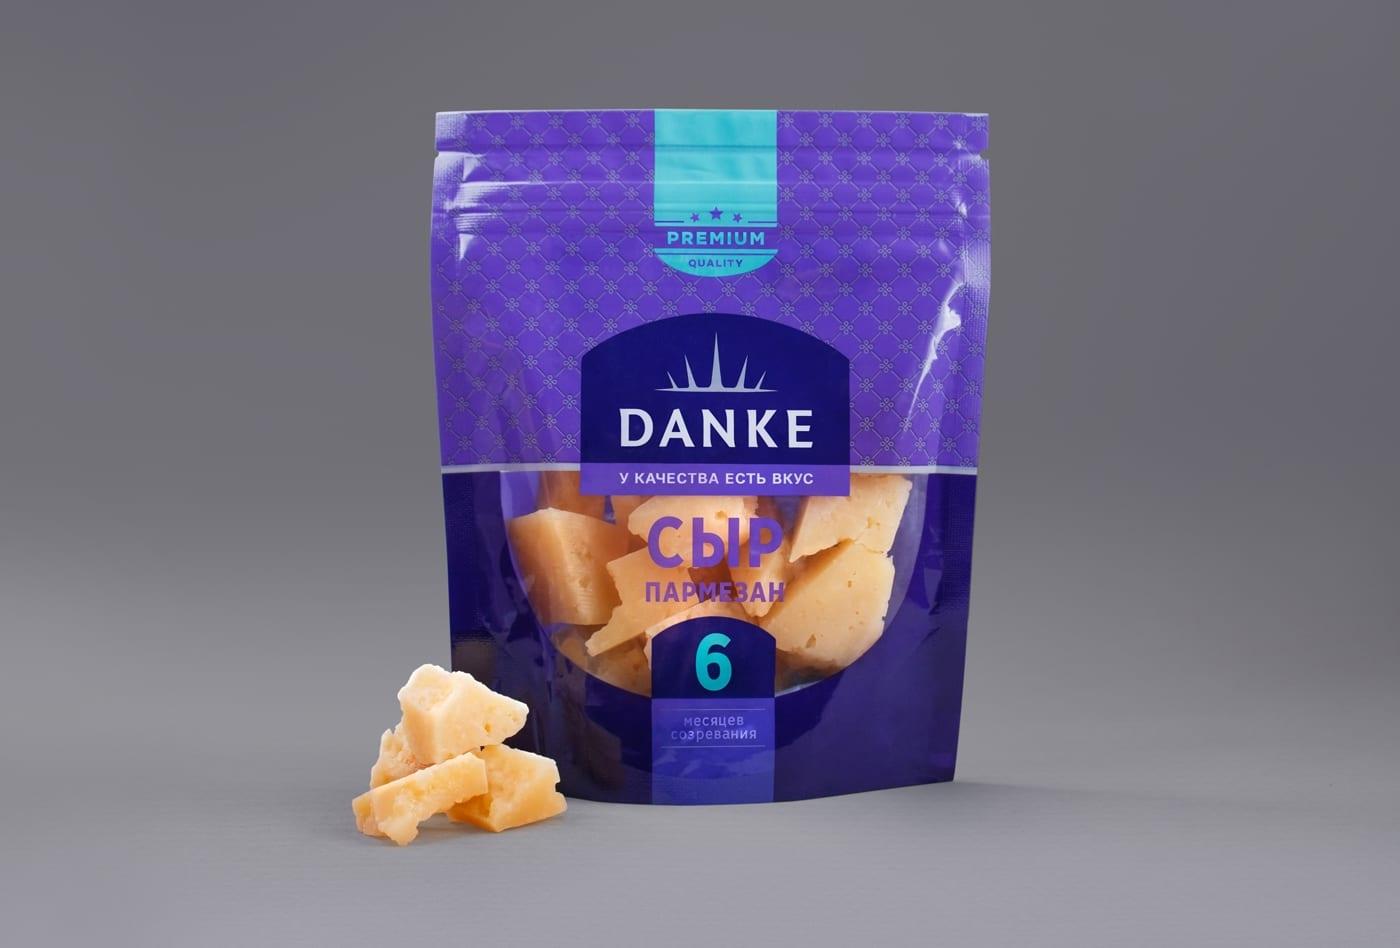 DANKE 6 - Ach, tie obaly – Danke Dairy mléčné výrobky